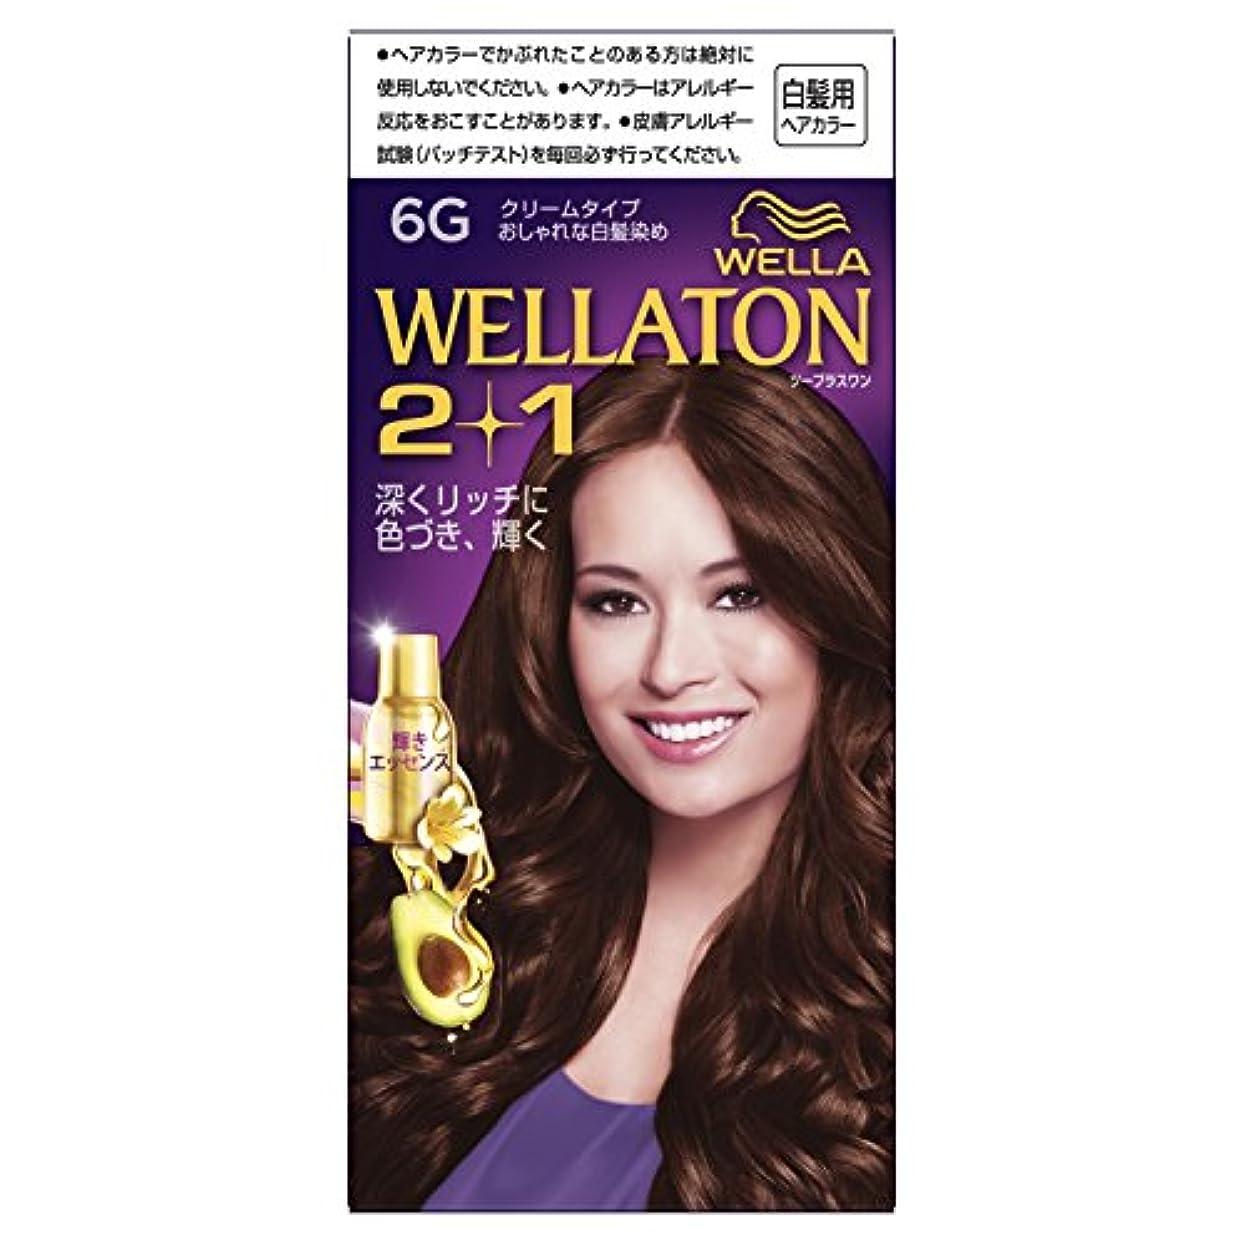 来て根絶する提供ウエラトーン2+1 クリームタイプ 6G [医薬部外品](おしゃれな白髪染め)